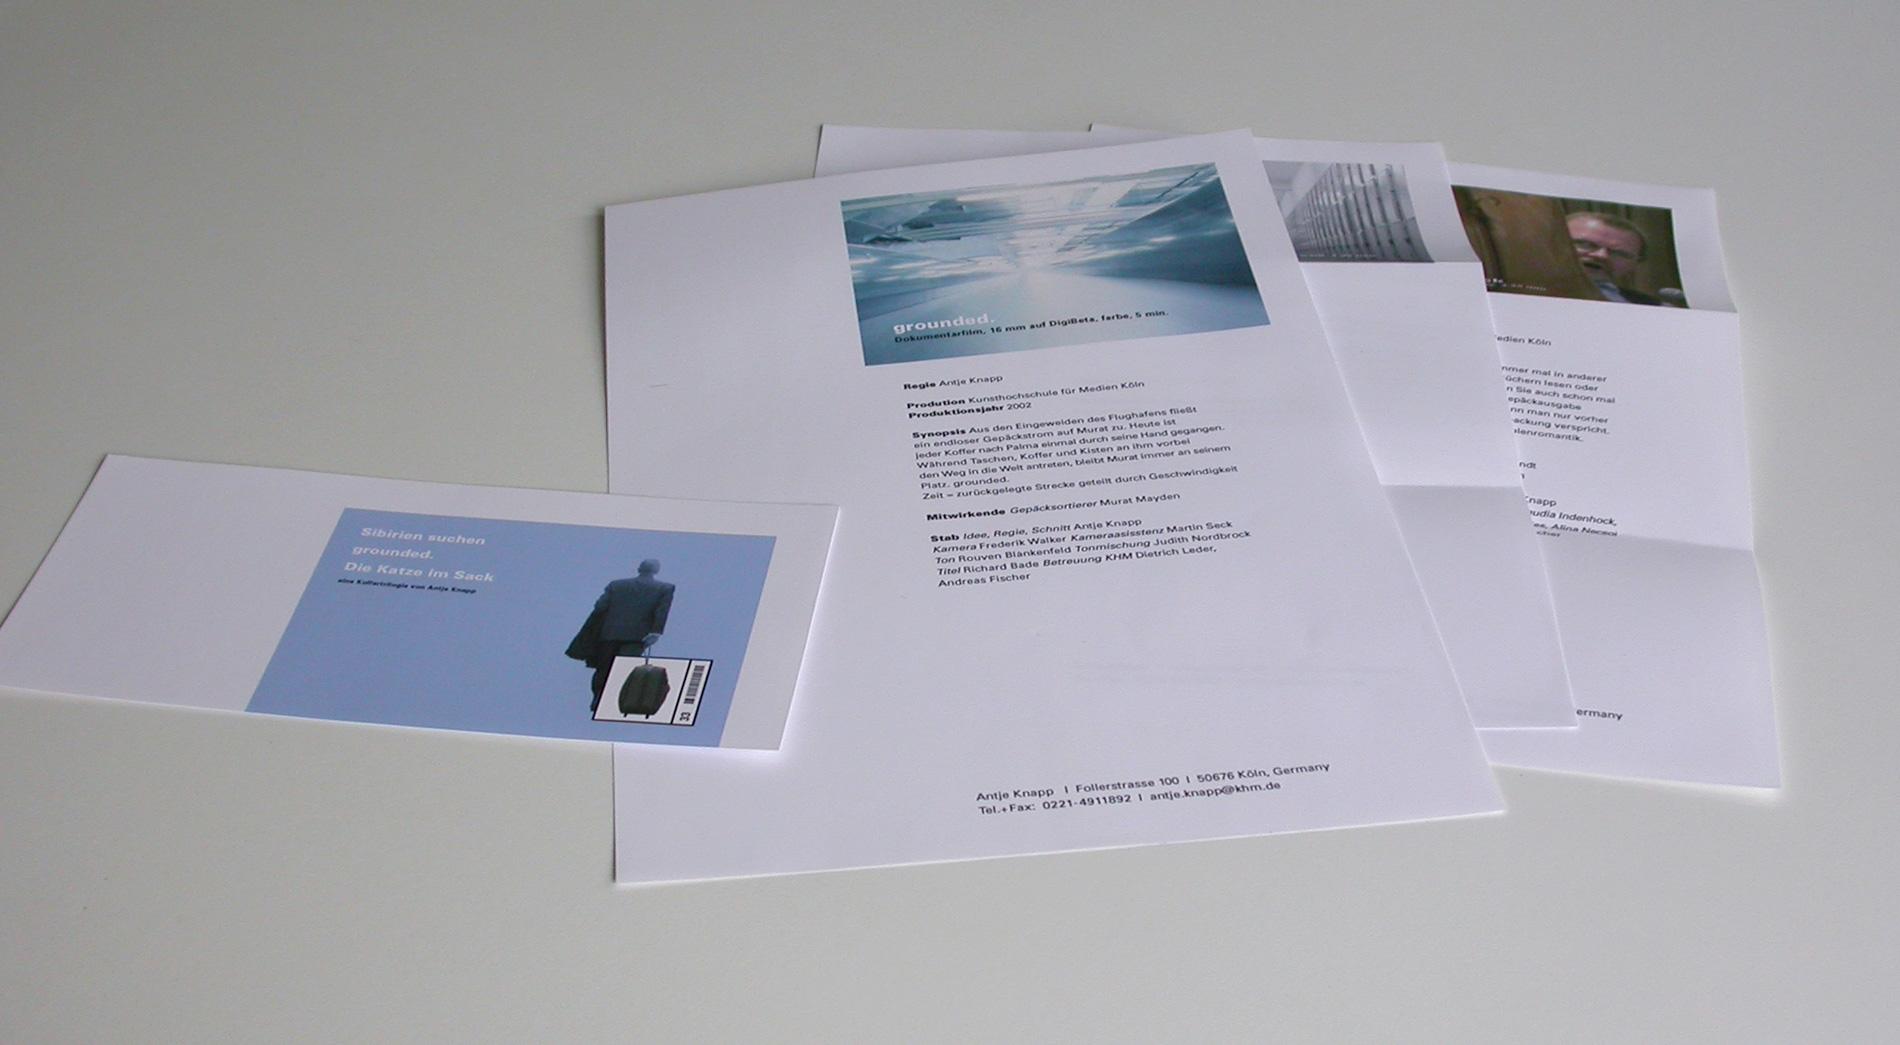 Gestaltung der Exposéevorlagen